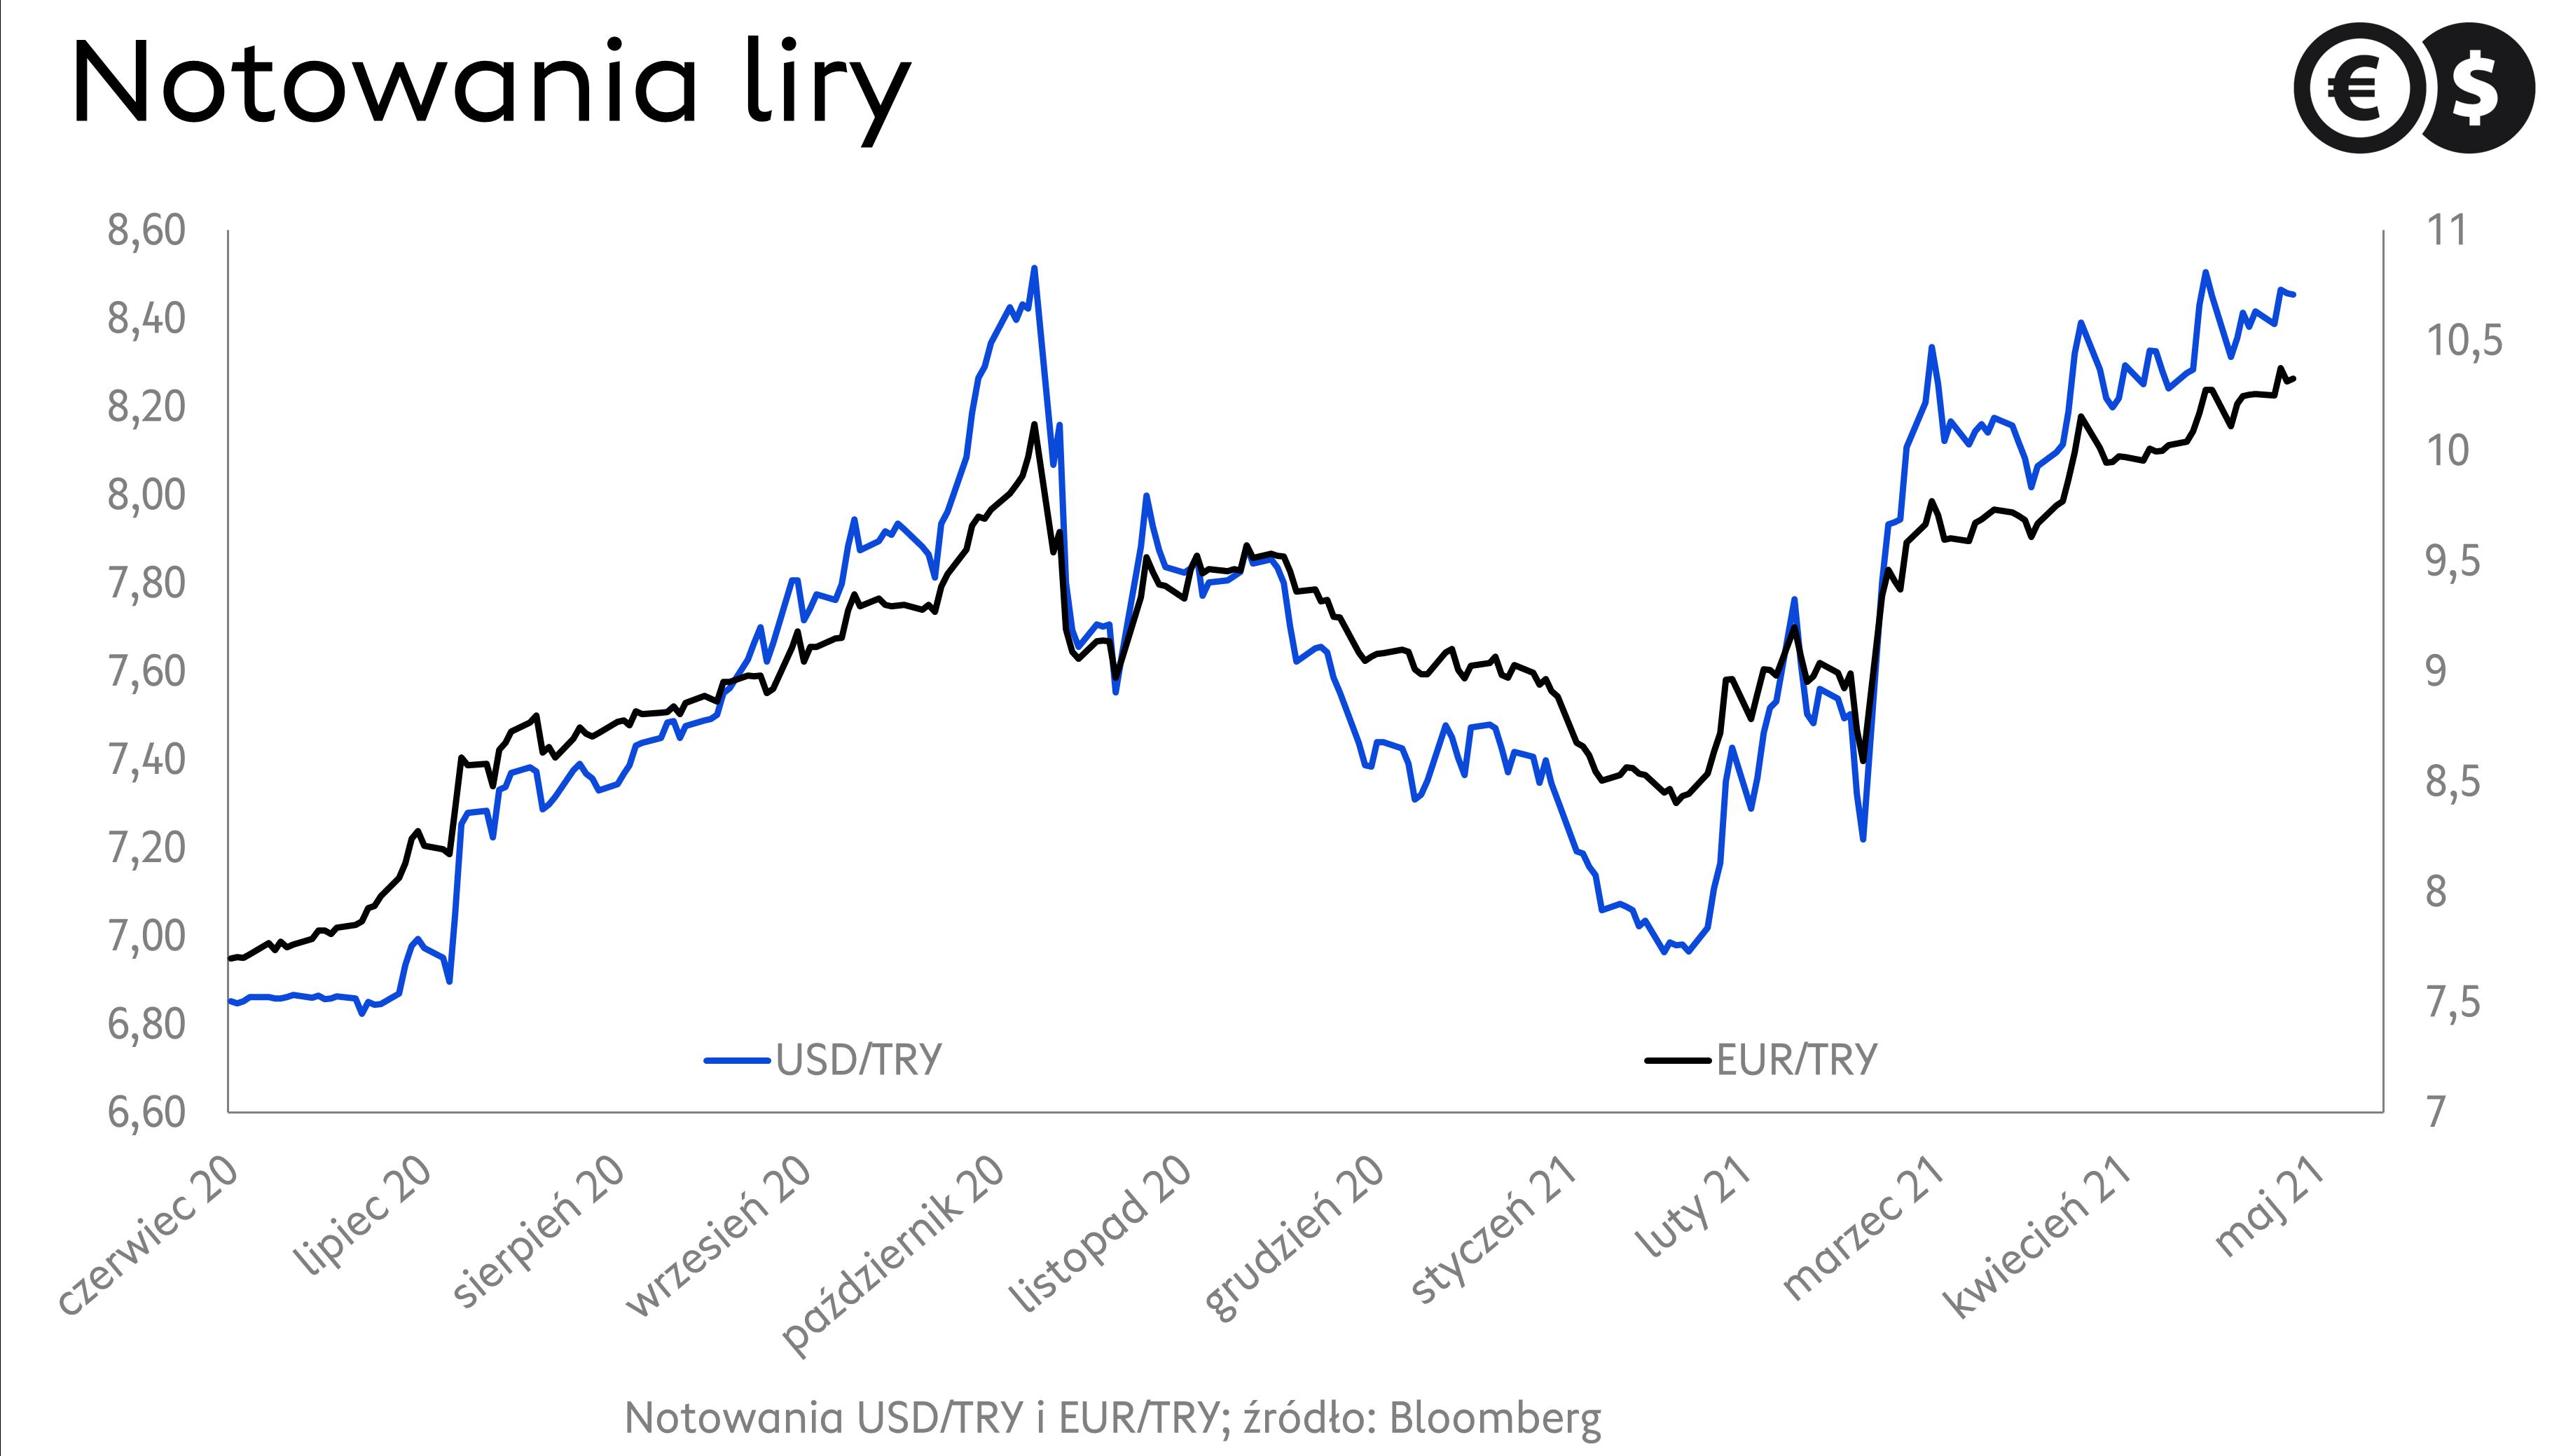 Kurs liry. Notowania USD/TRY i EUR/TRY; źródło: Bloomberg.